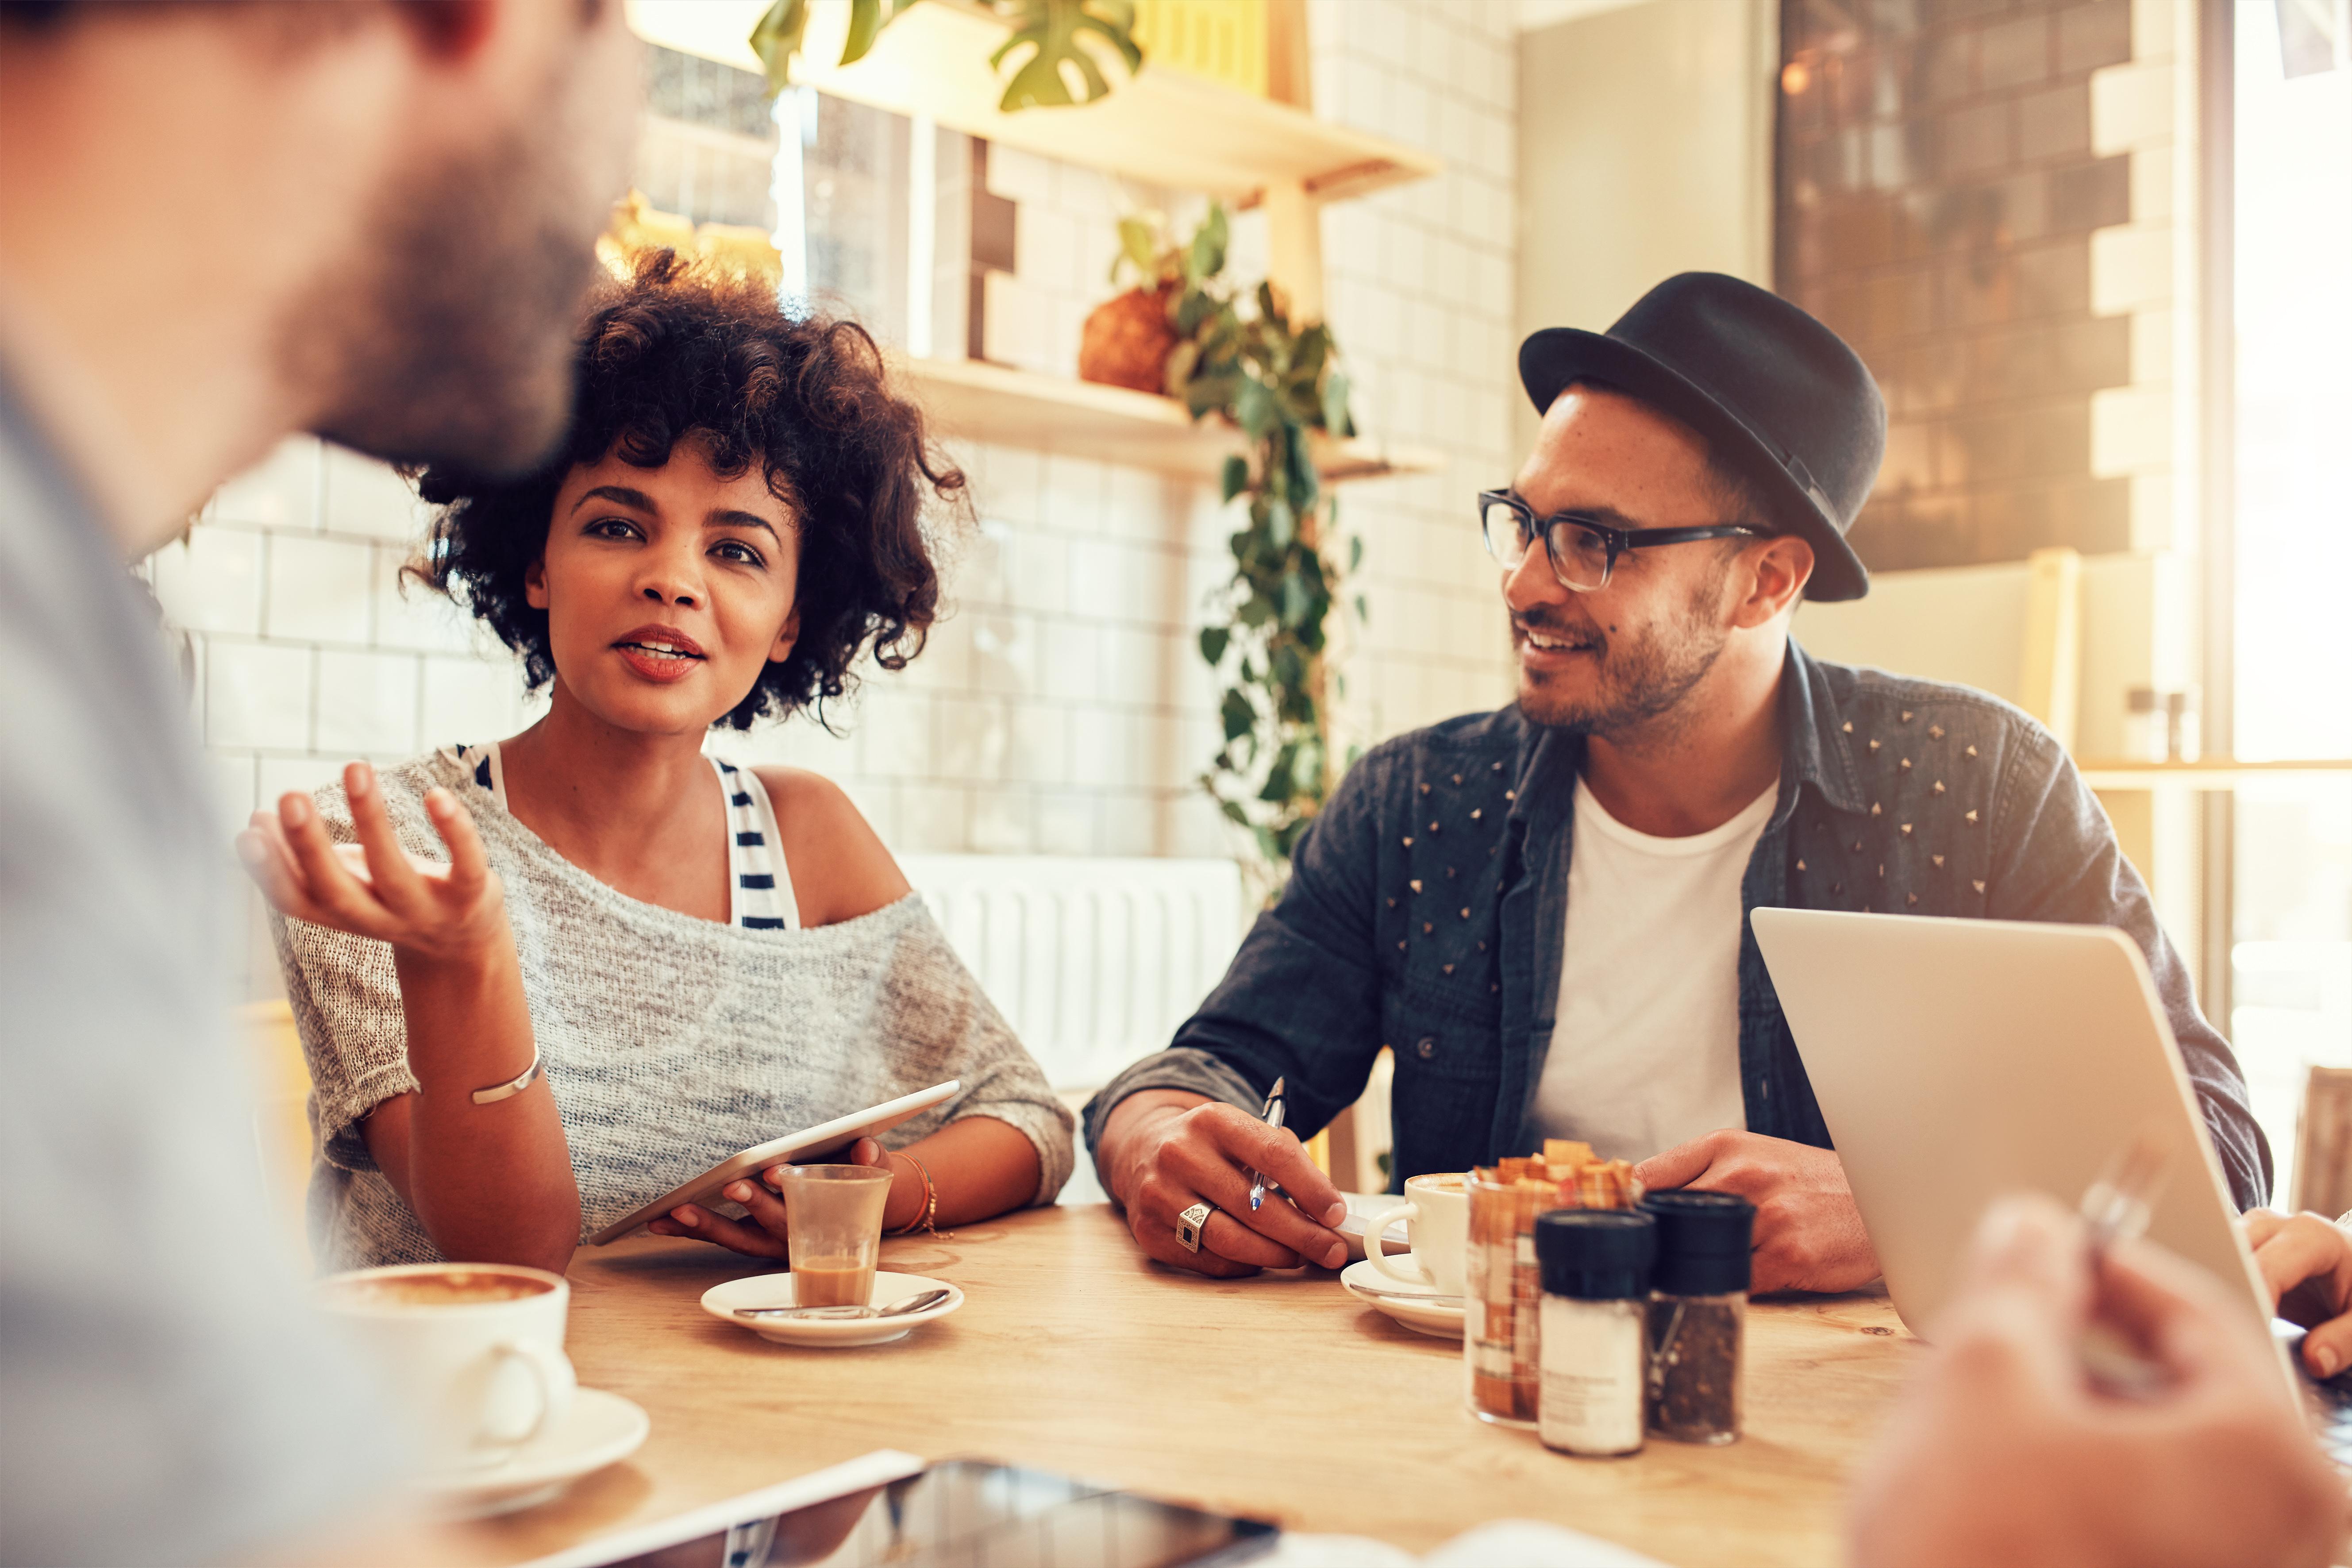 För arbetskraftsinvandrare finns det en lång rad olika situationer och faktorer som är relevanta i det nya landet, att träffa vänner är en utav dem.